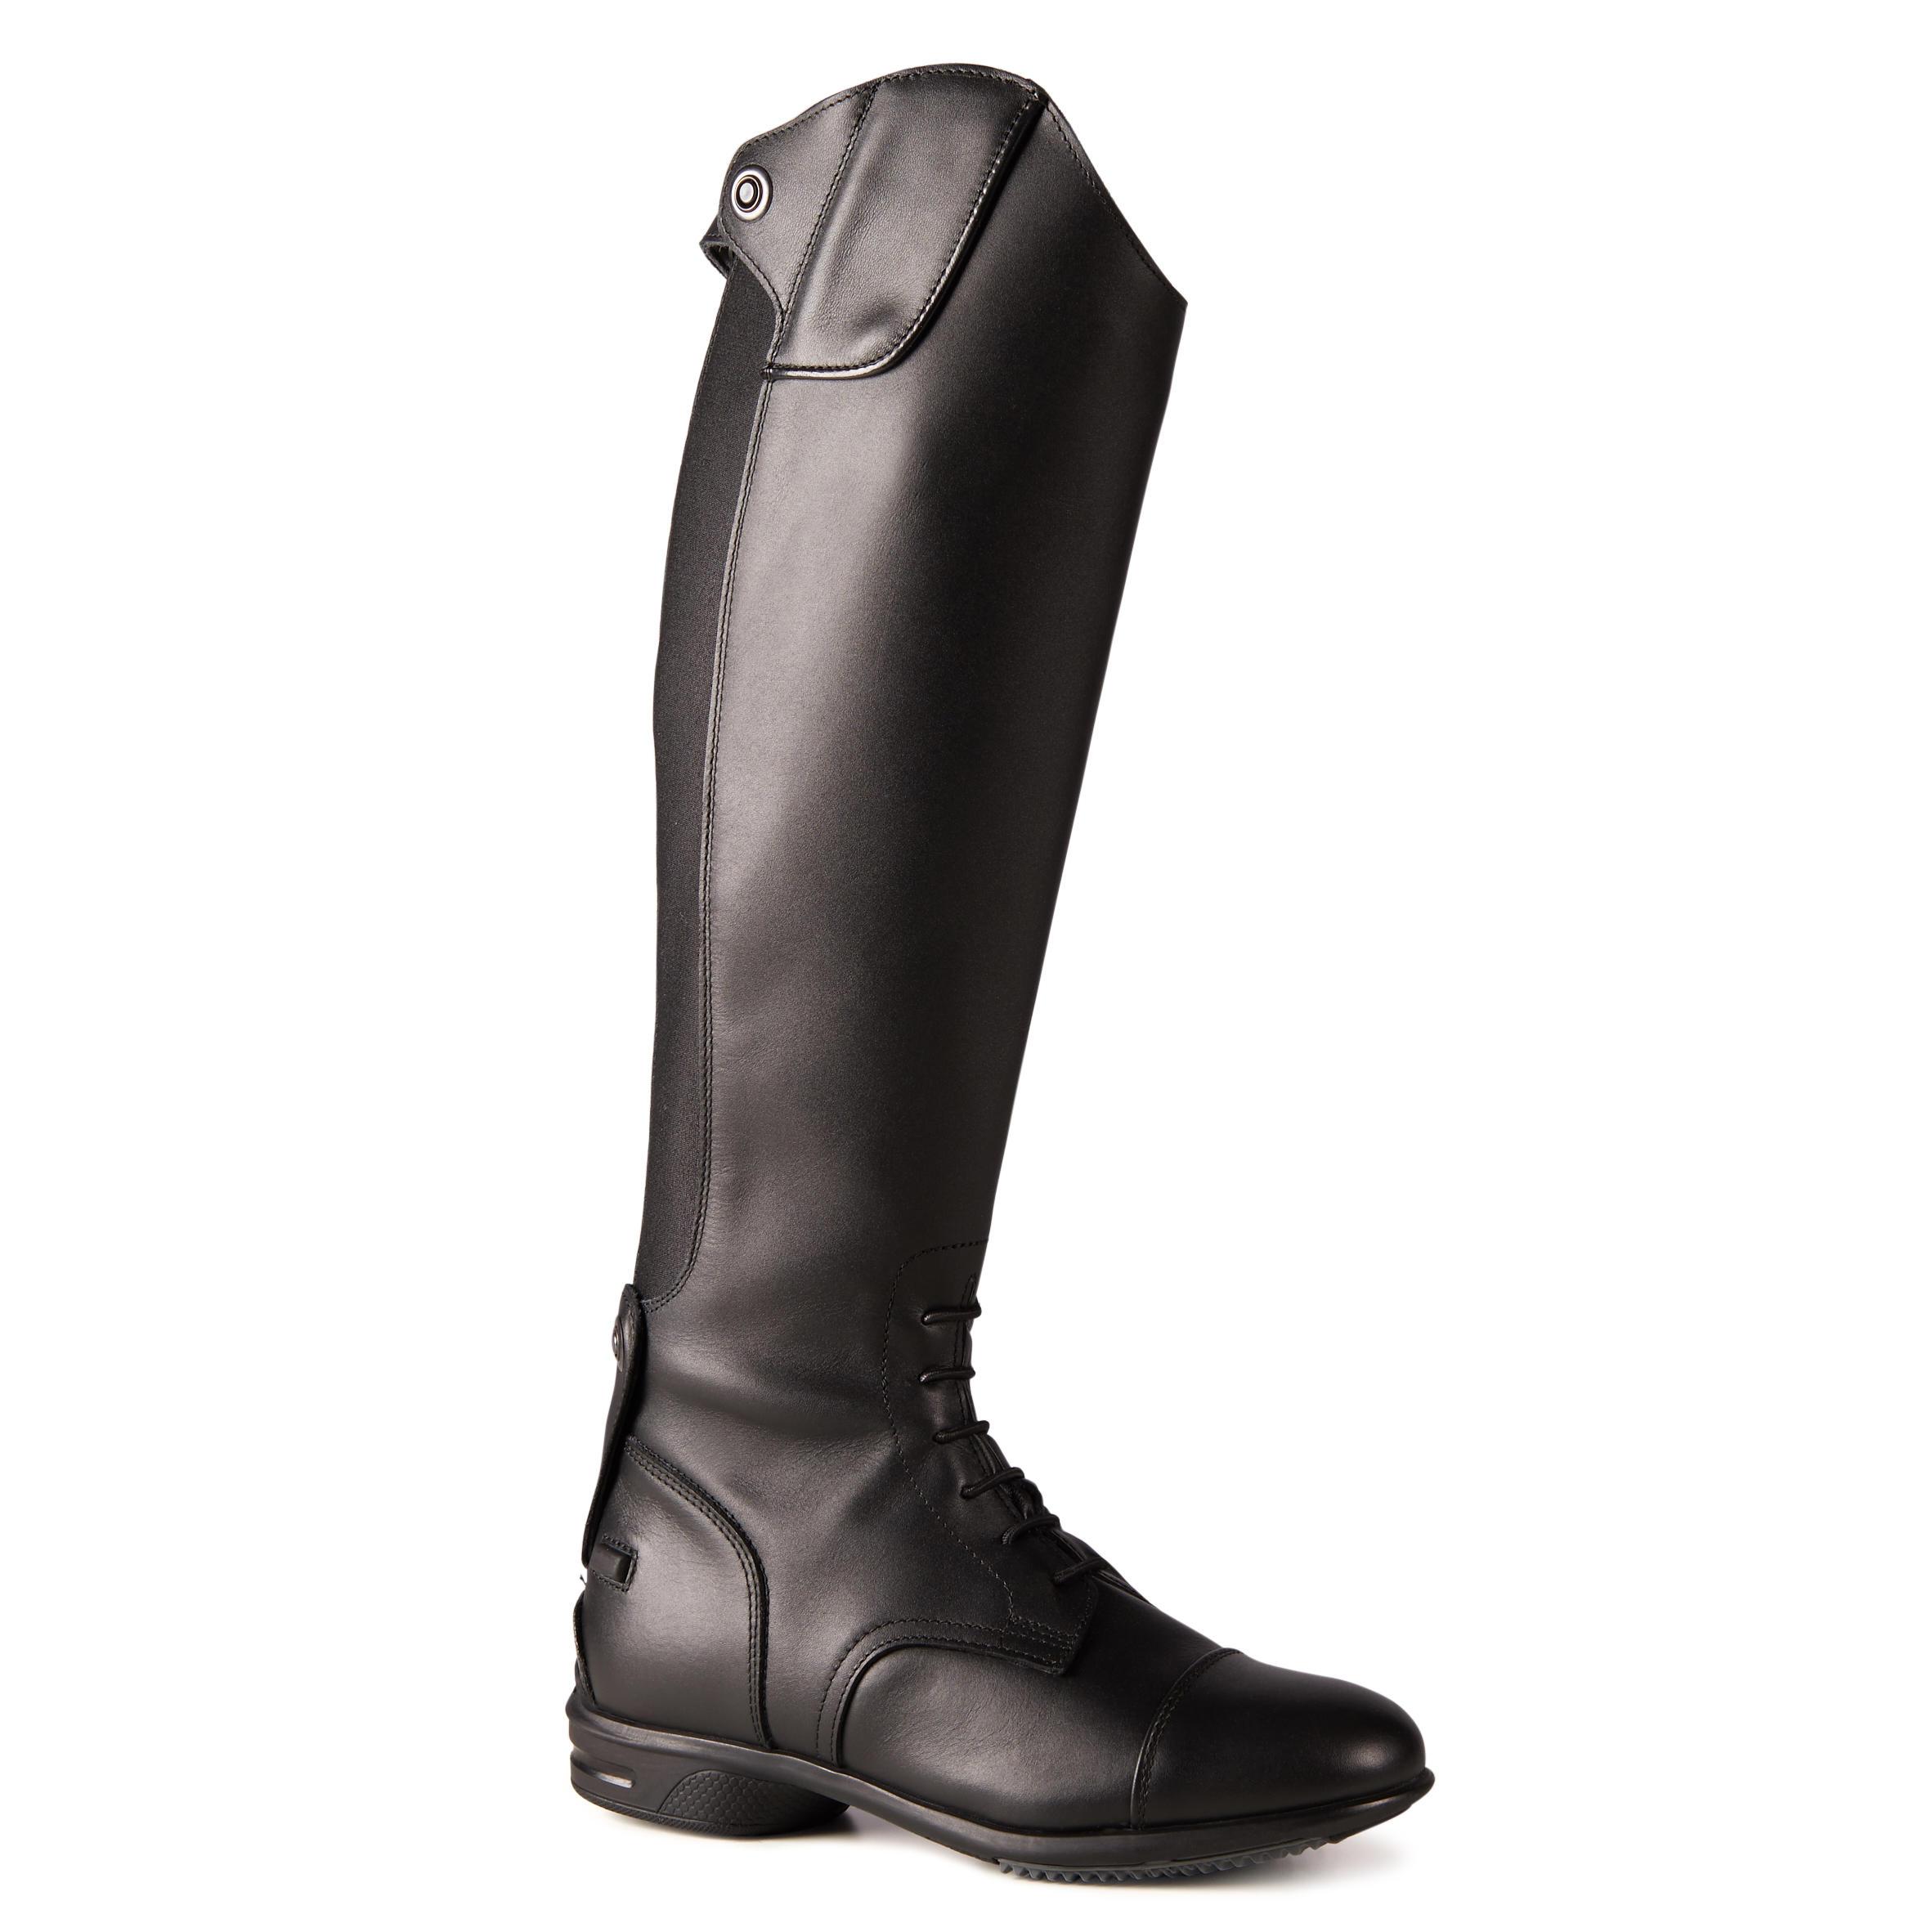 c2579088408 Comprar Botas de Montar a caballo online